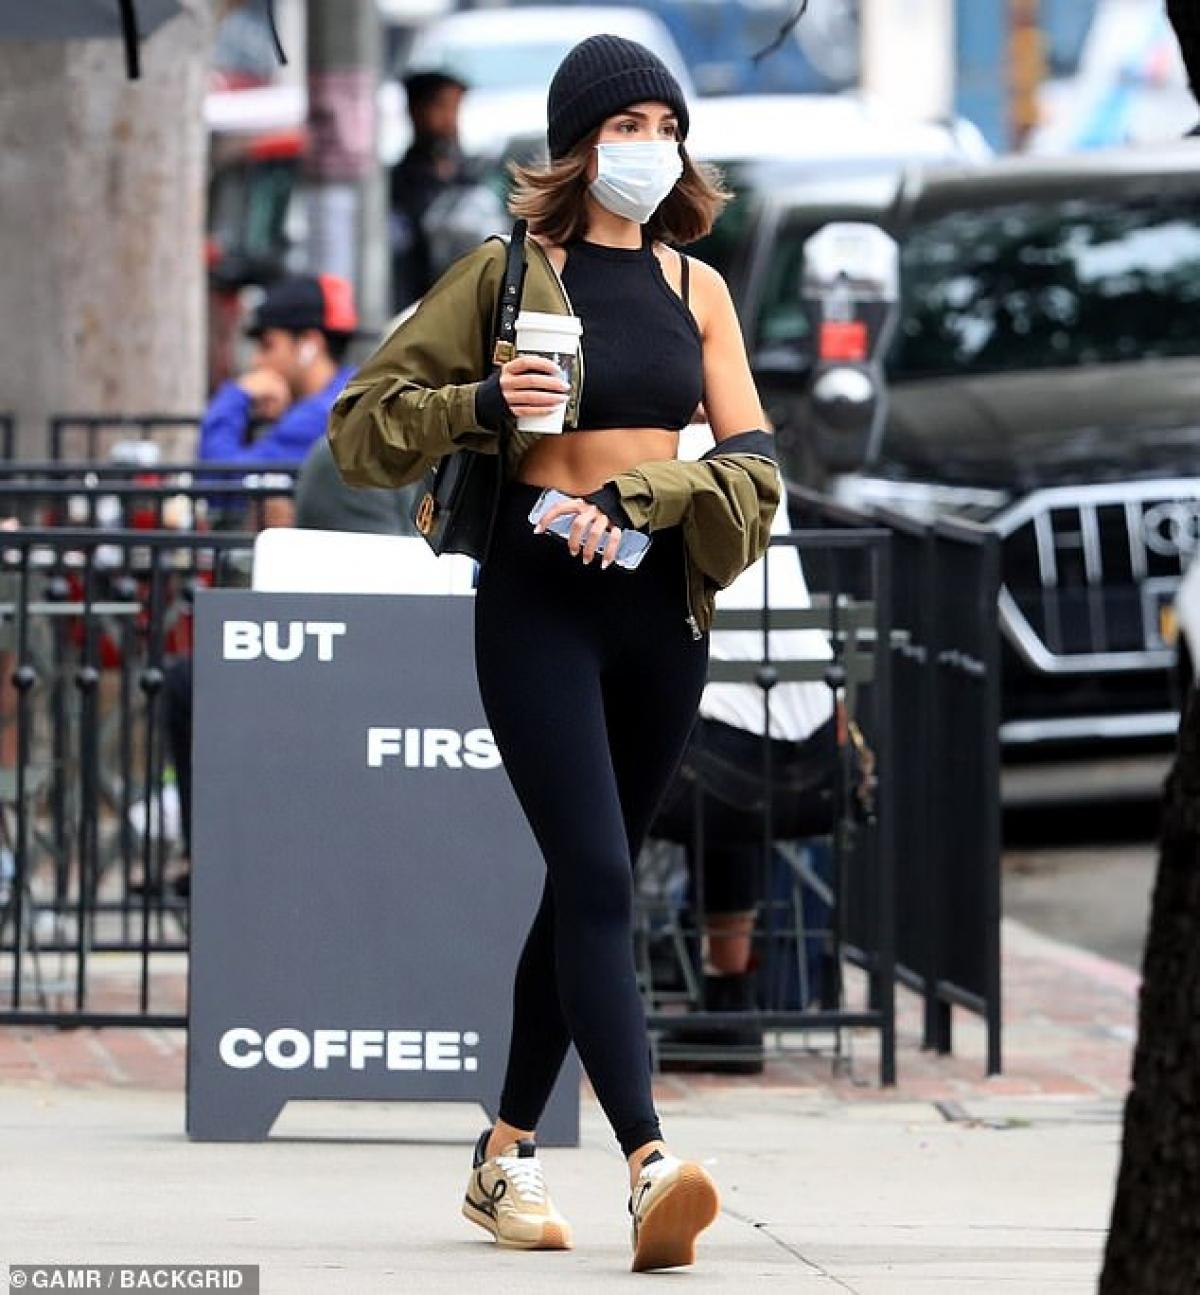 Người đẹp cắt tóc trẻ trung, vừa đi vừa thưởng thức cafe ngay trên phố.